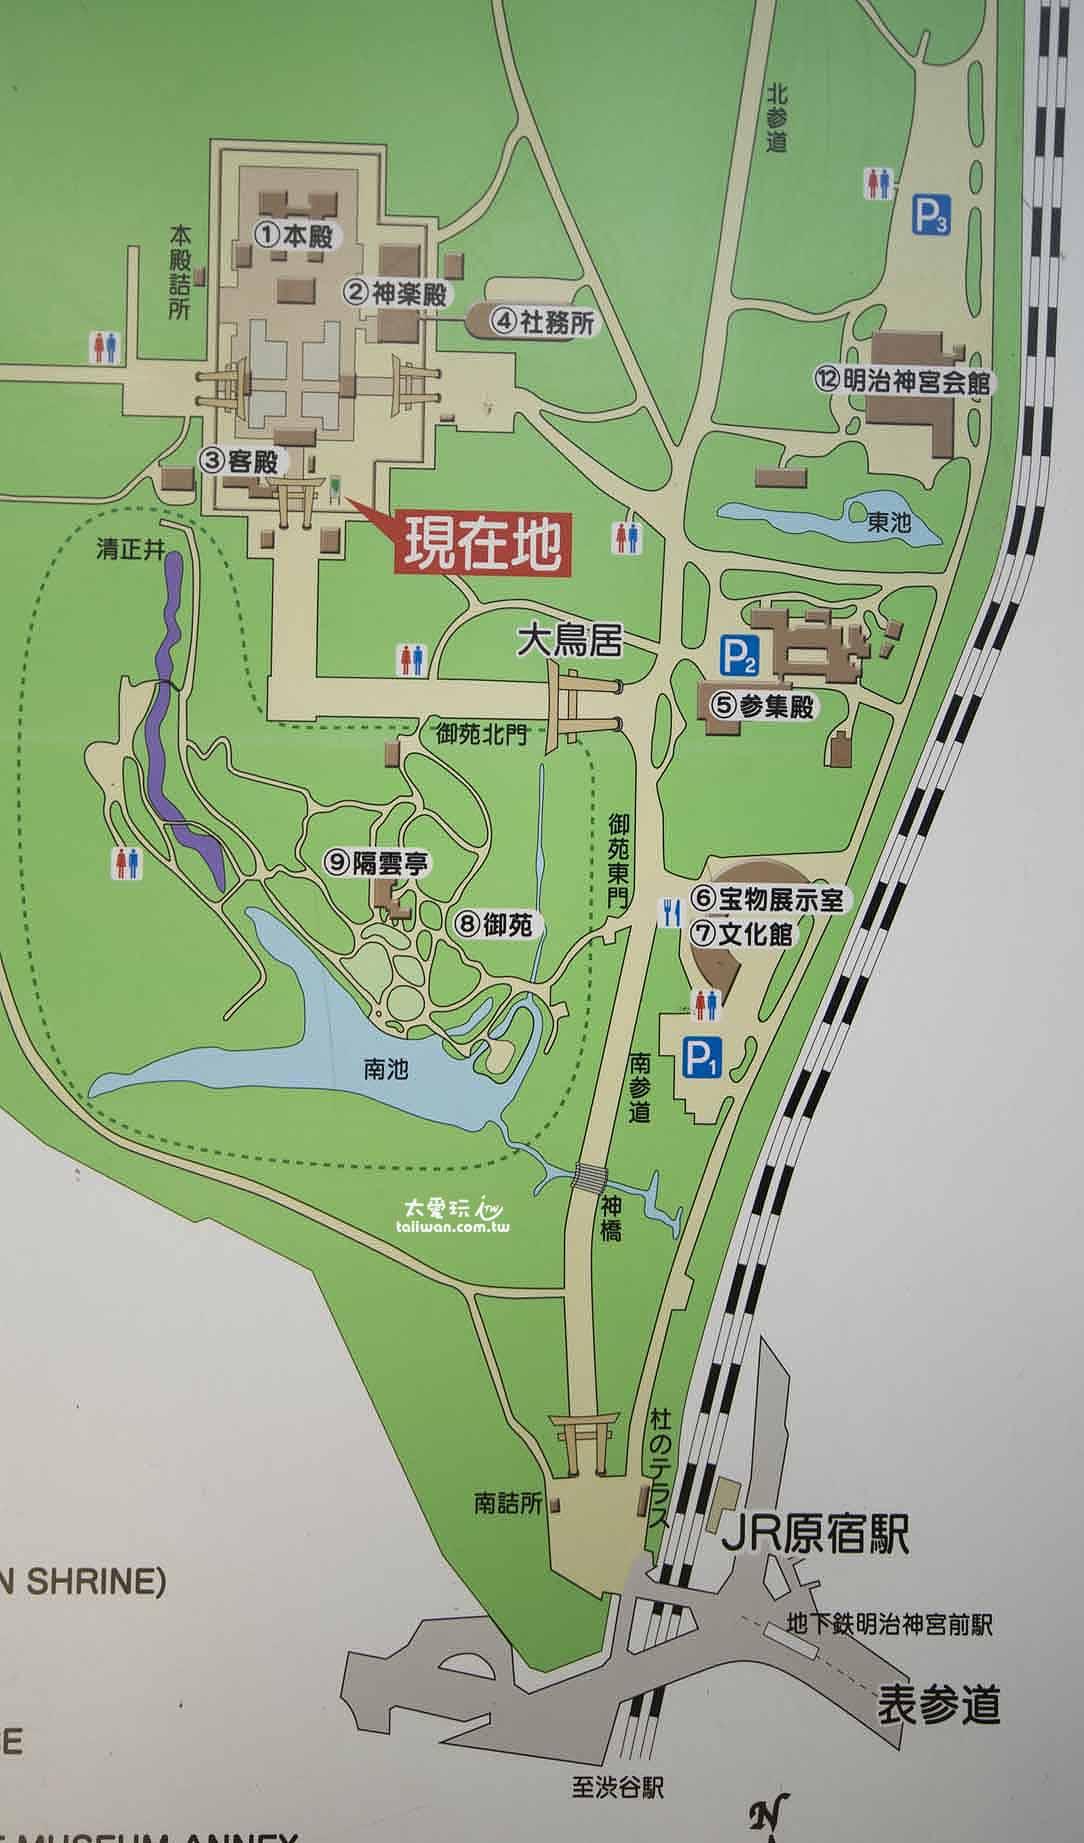 明治神宮地圖(點我看大圖)